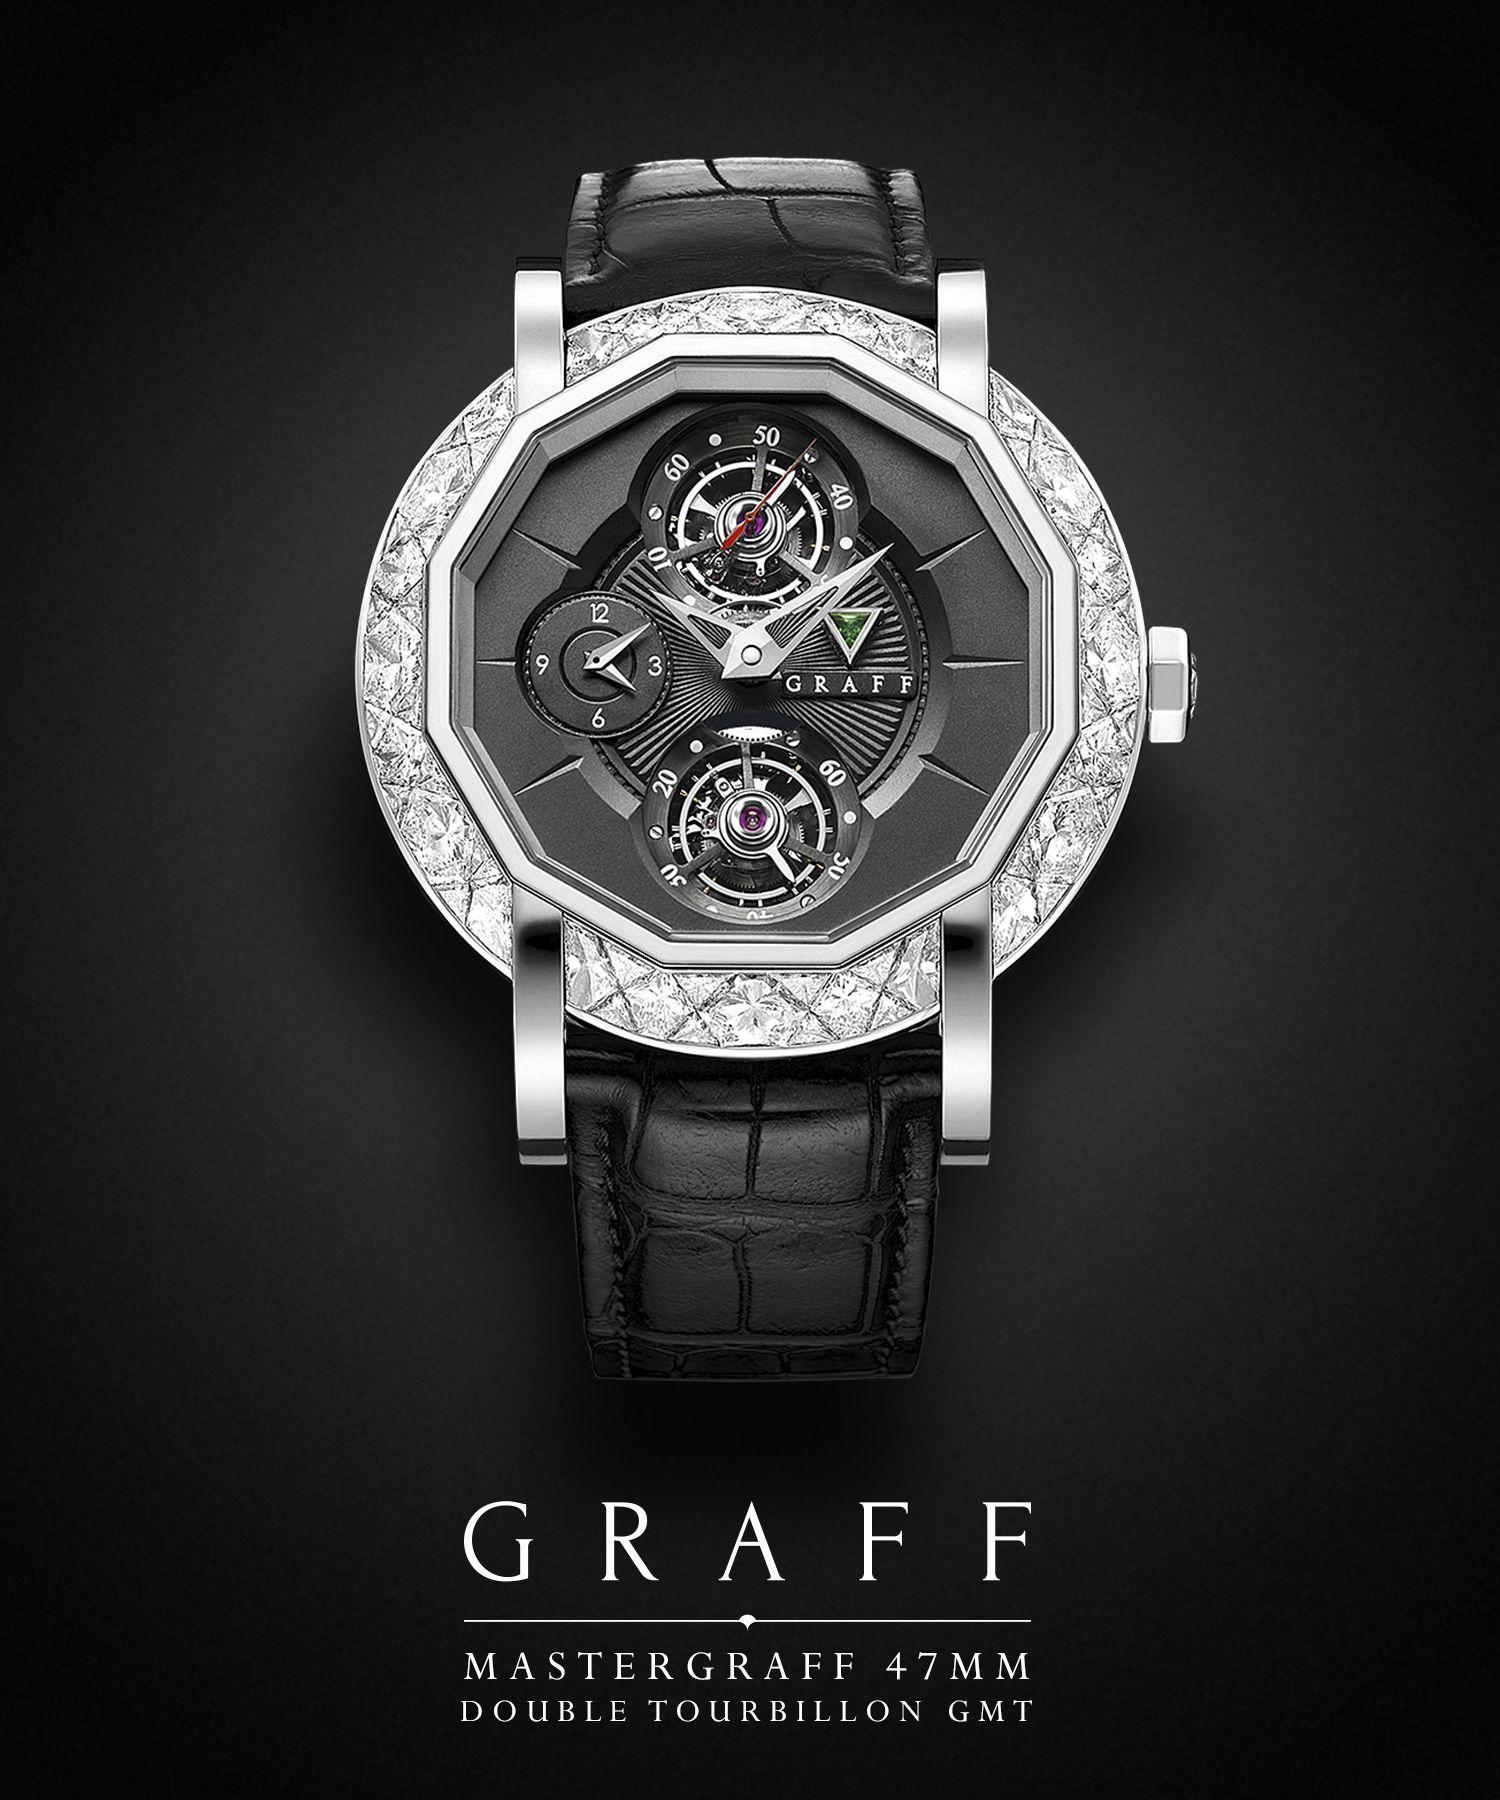 graff diamonds mastergraff tourbillon gmt 47mm